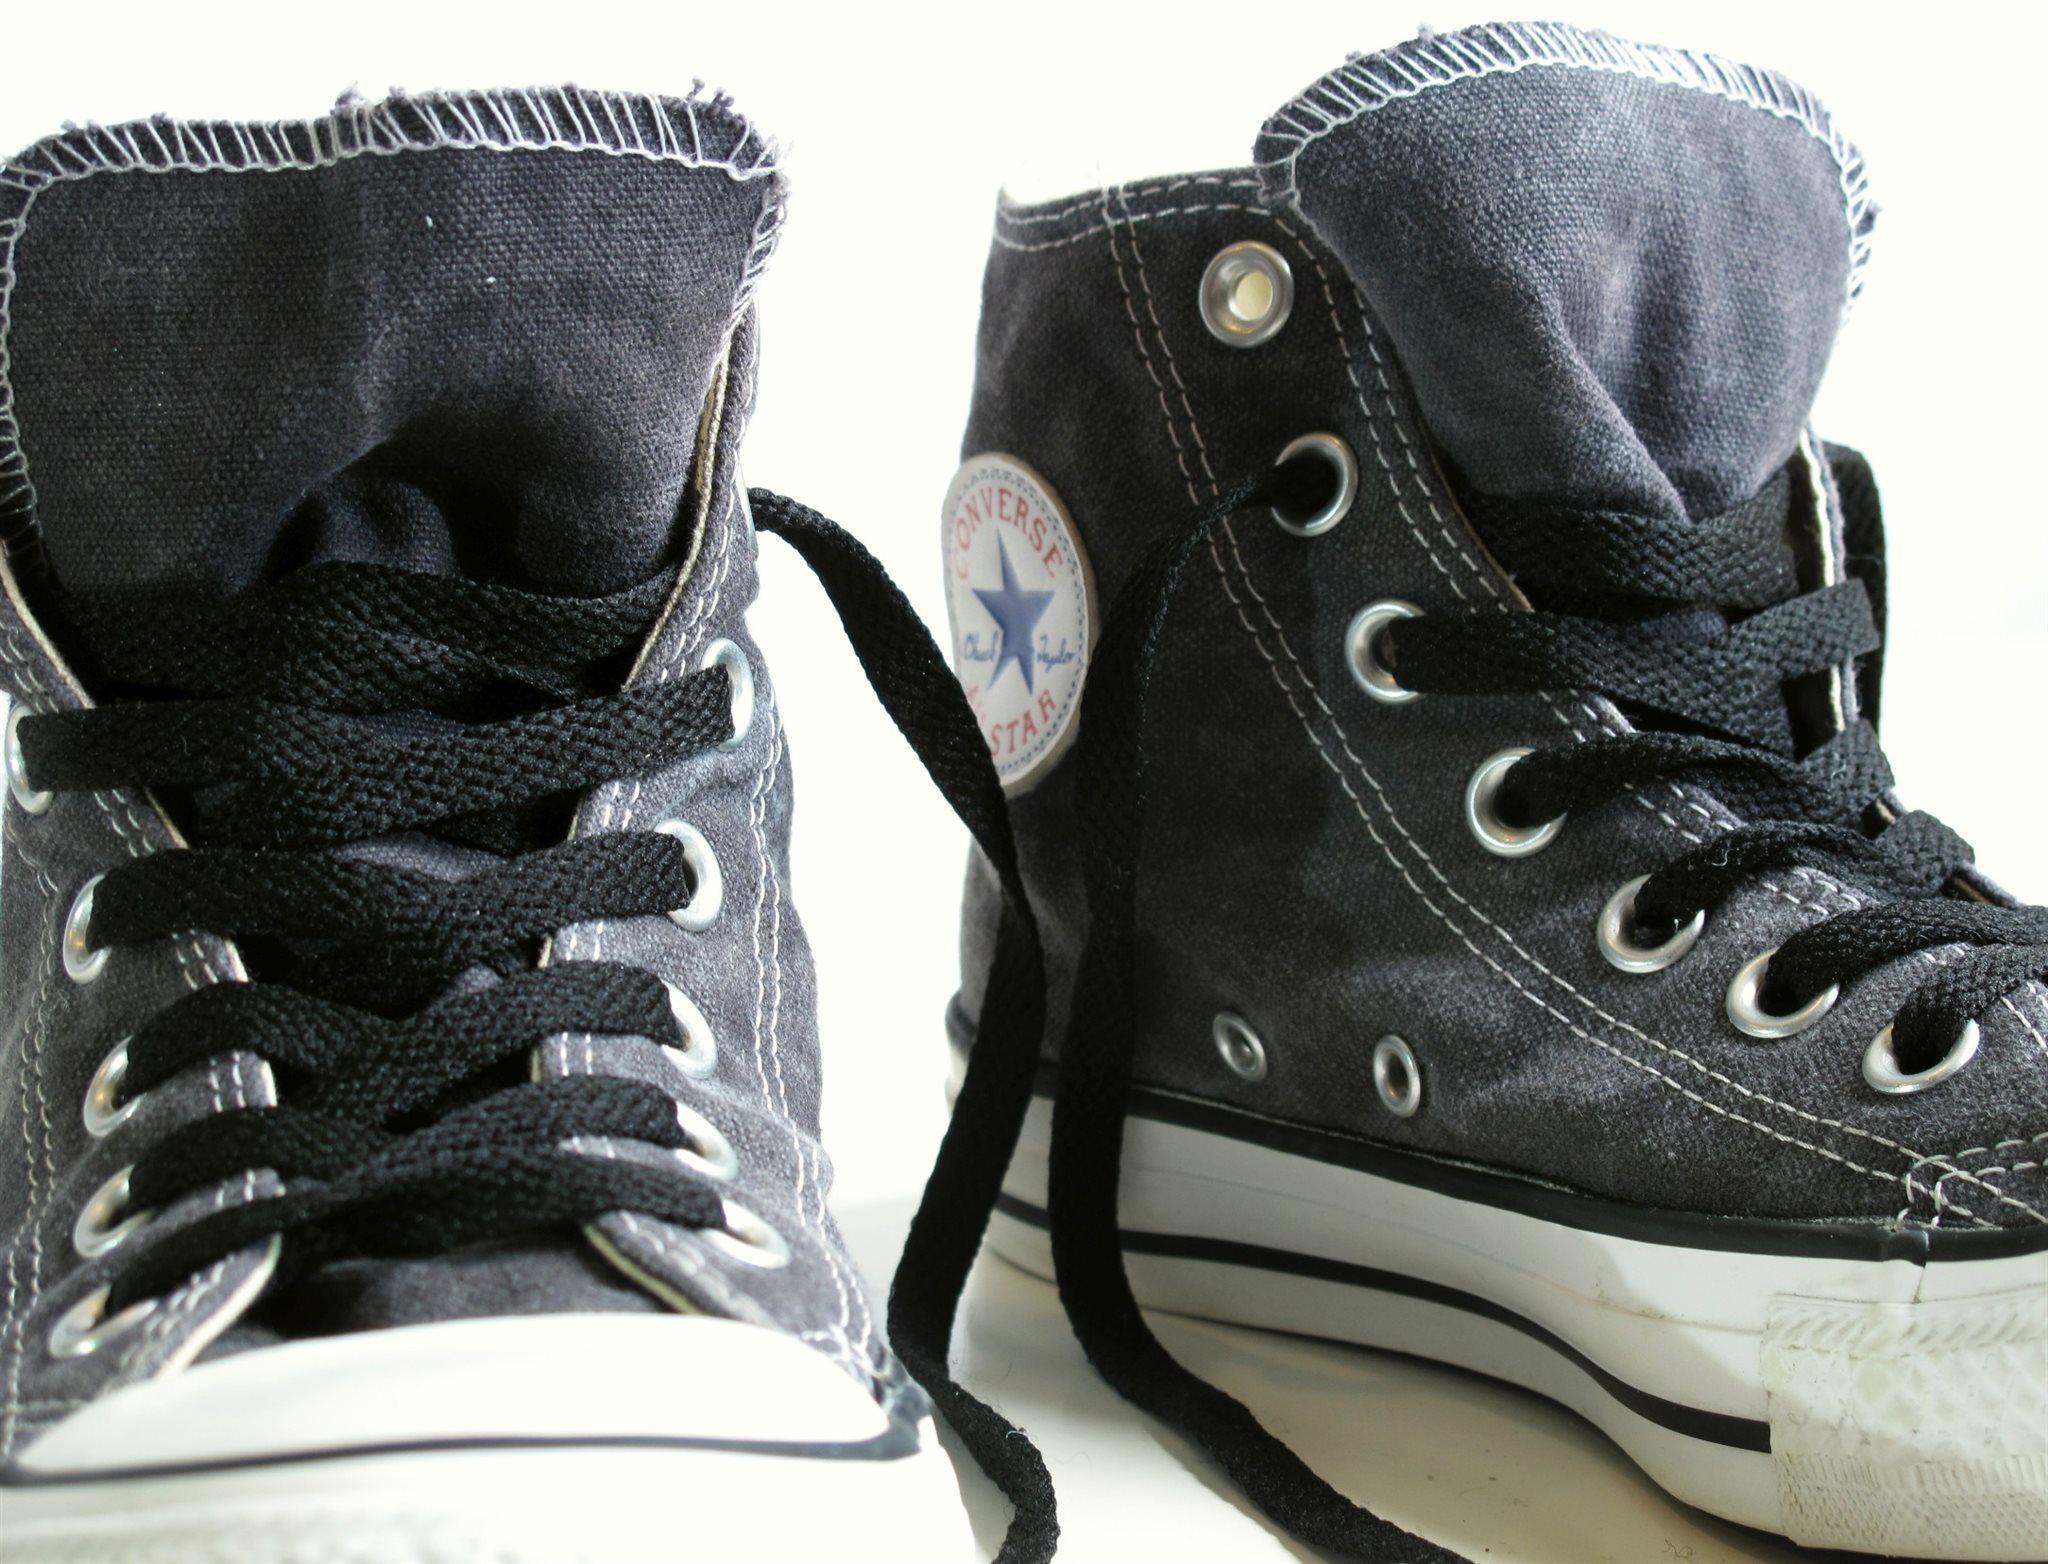 buy popular 64454 c3165 GRÅ 36 stl medel CONVERSE 5 skor höga sneakers 321144362 ZdqRKRA